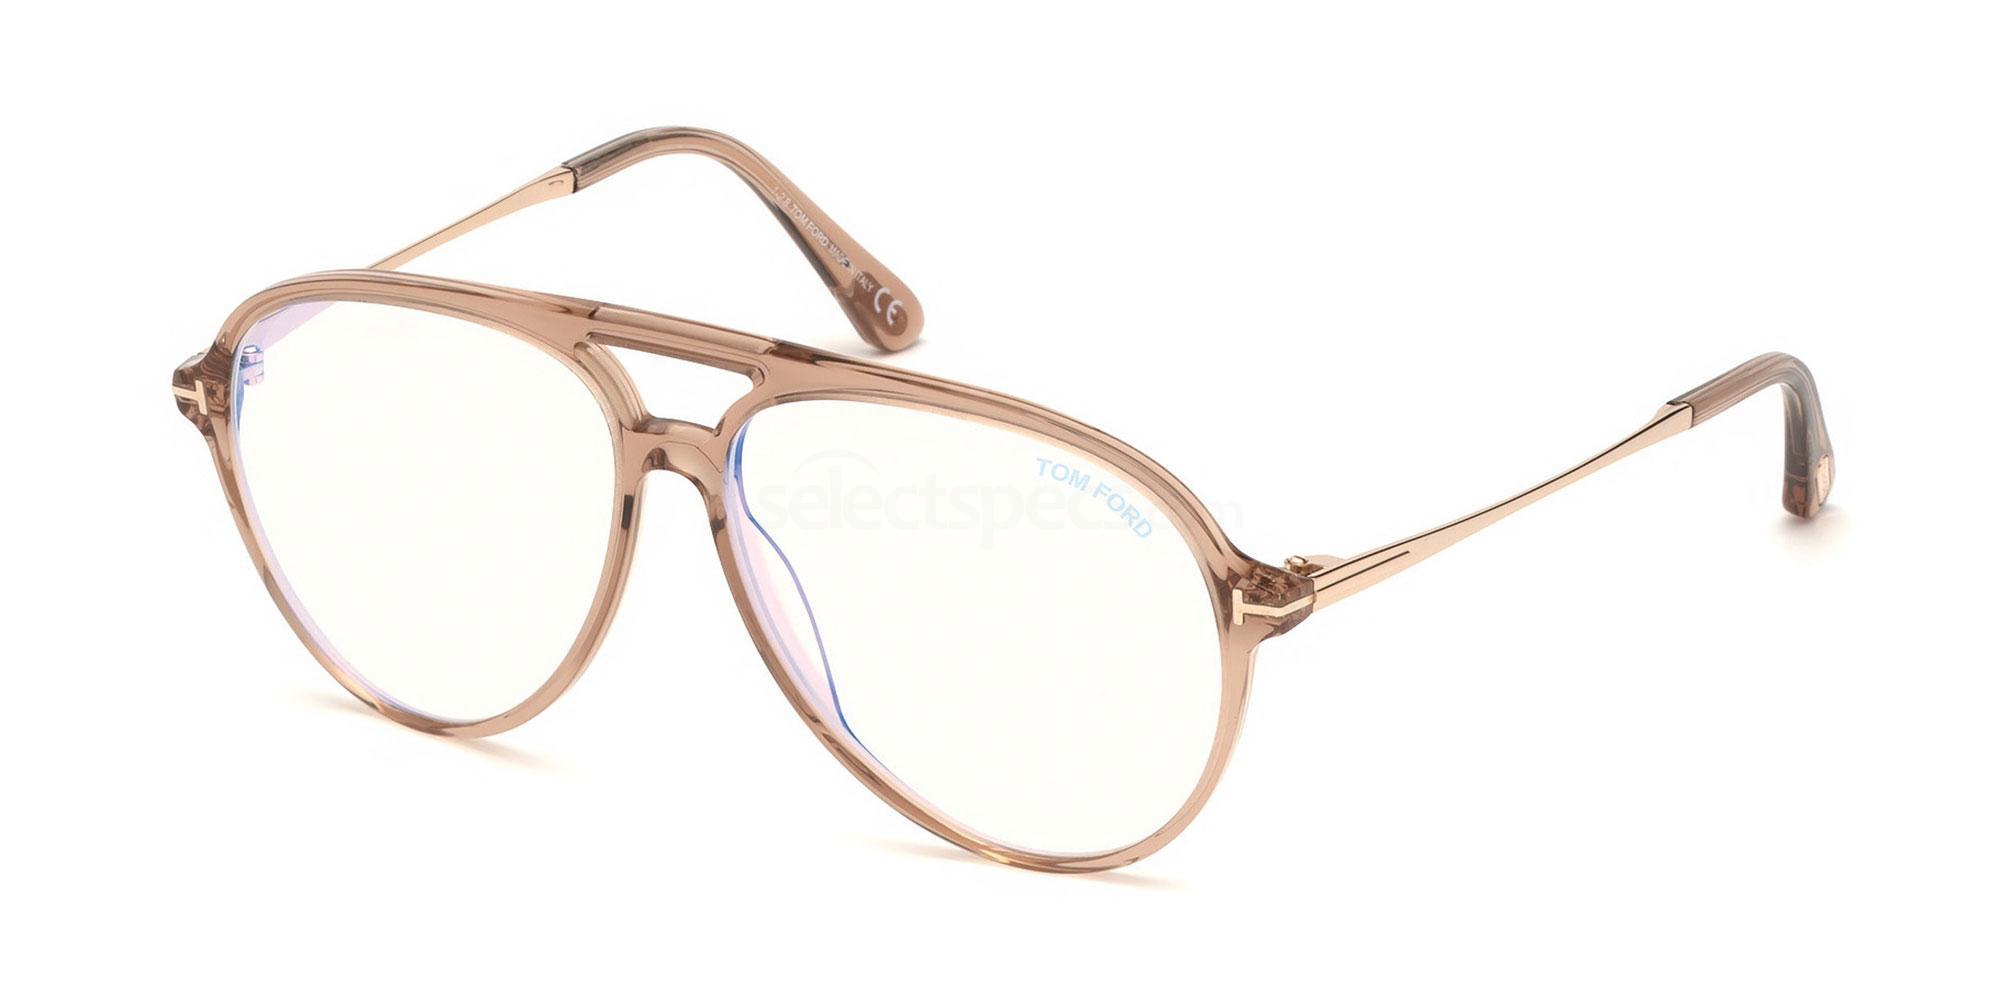 057 FT5586-B Glasses, Tom Ford